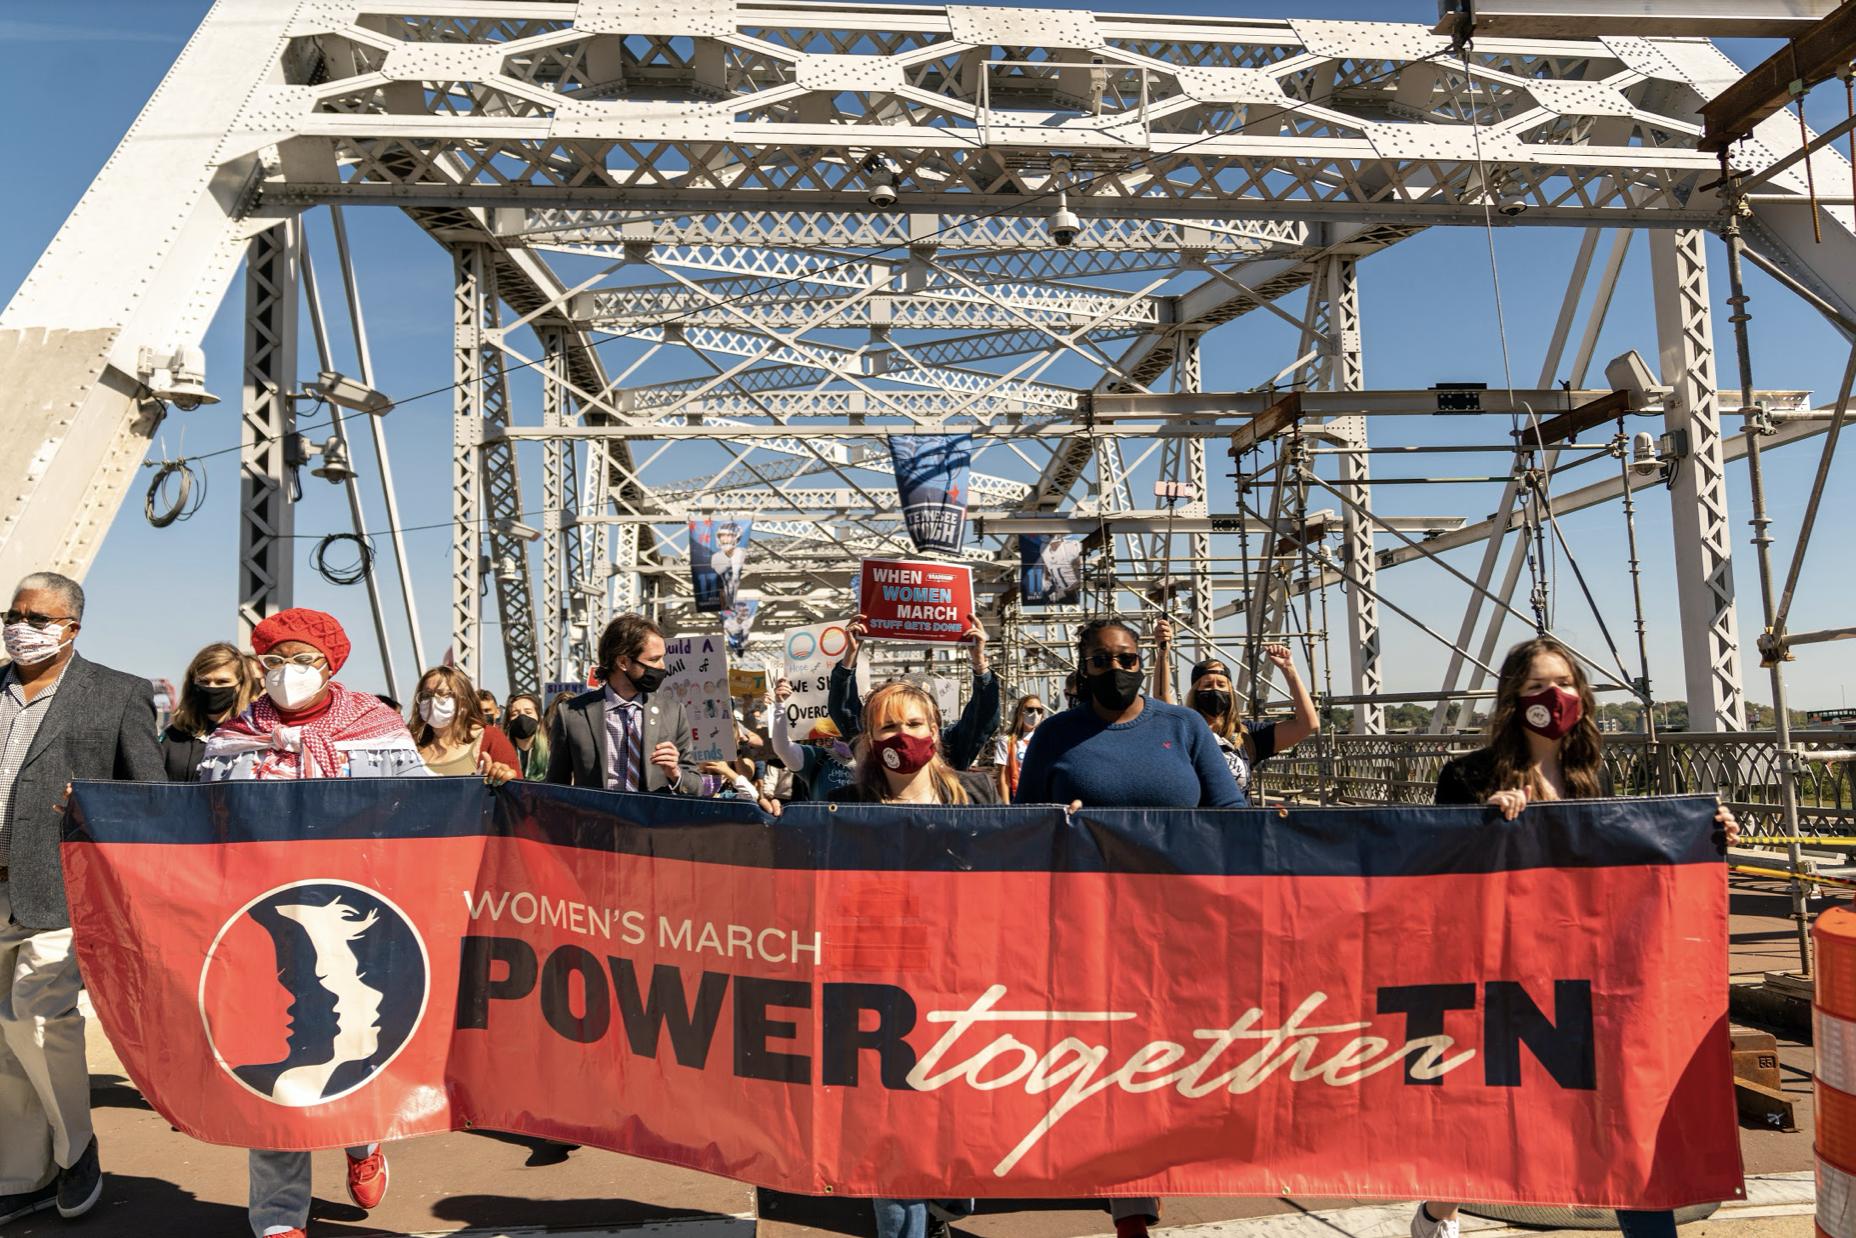 Nashville, Tenn., Oct. 17 - Leaders of the Power Together Women's March cross the John Seighenthaler Pedestrian Bridge. (Photo: Alex Kent)